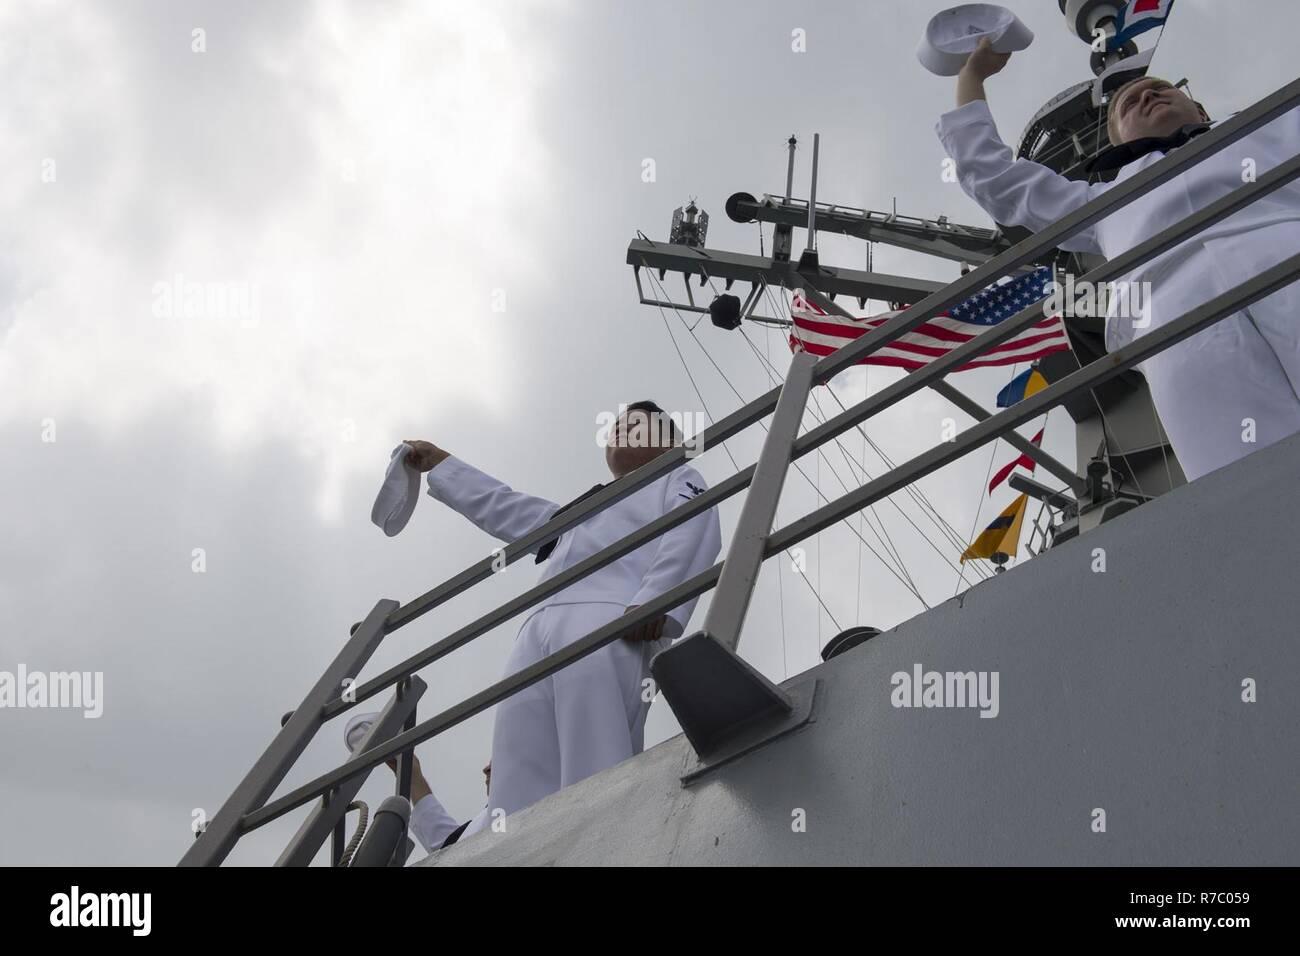 SOUTH CHINA SEA (May 15, 2017) Sailors aboard Arleigh Burke